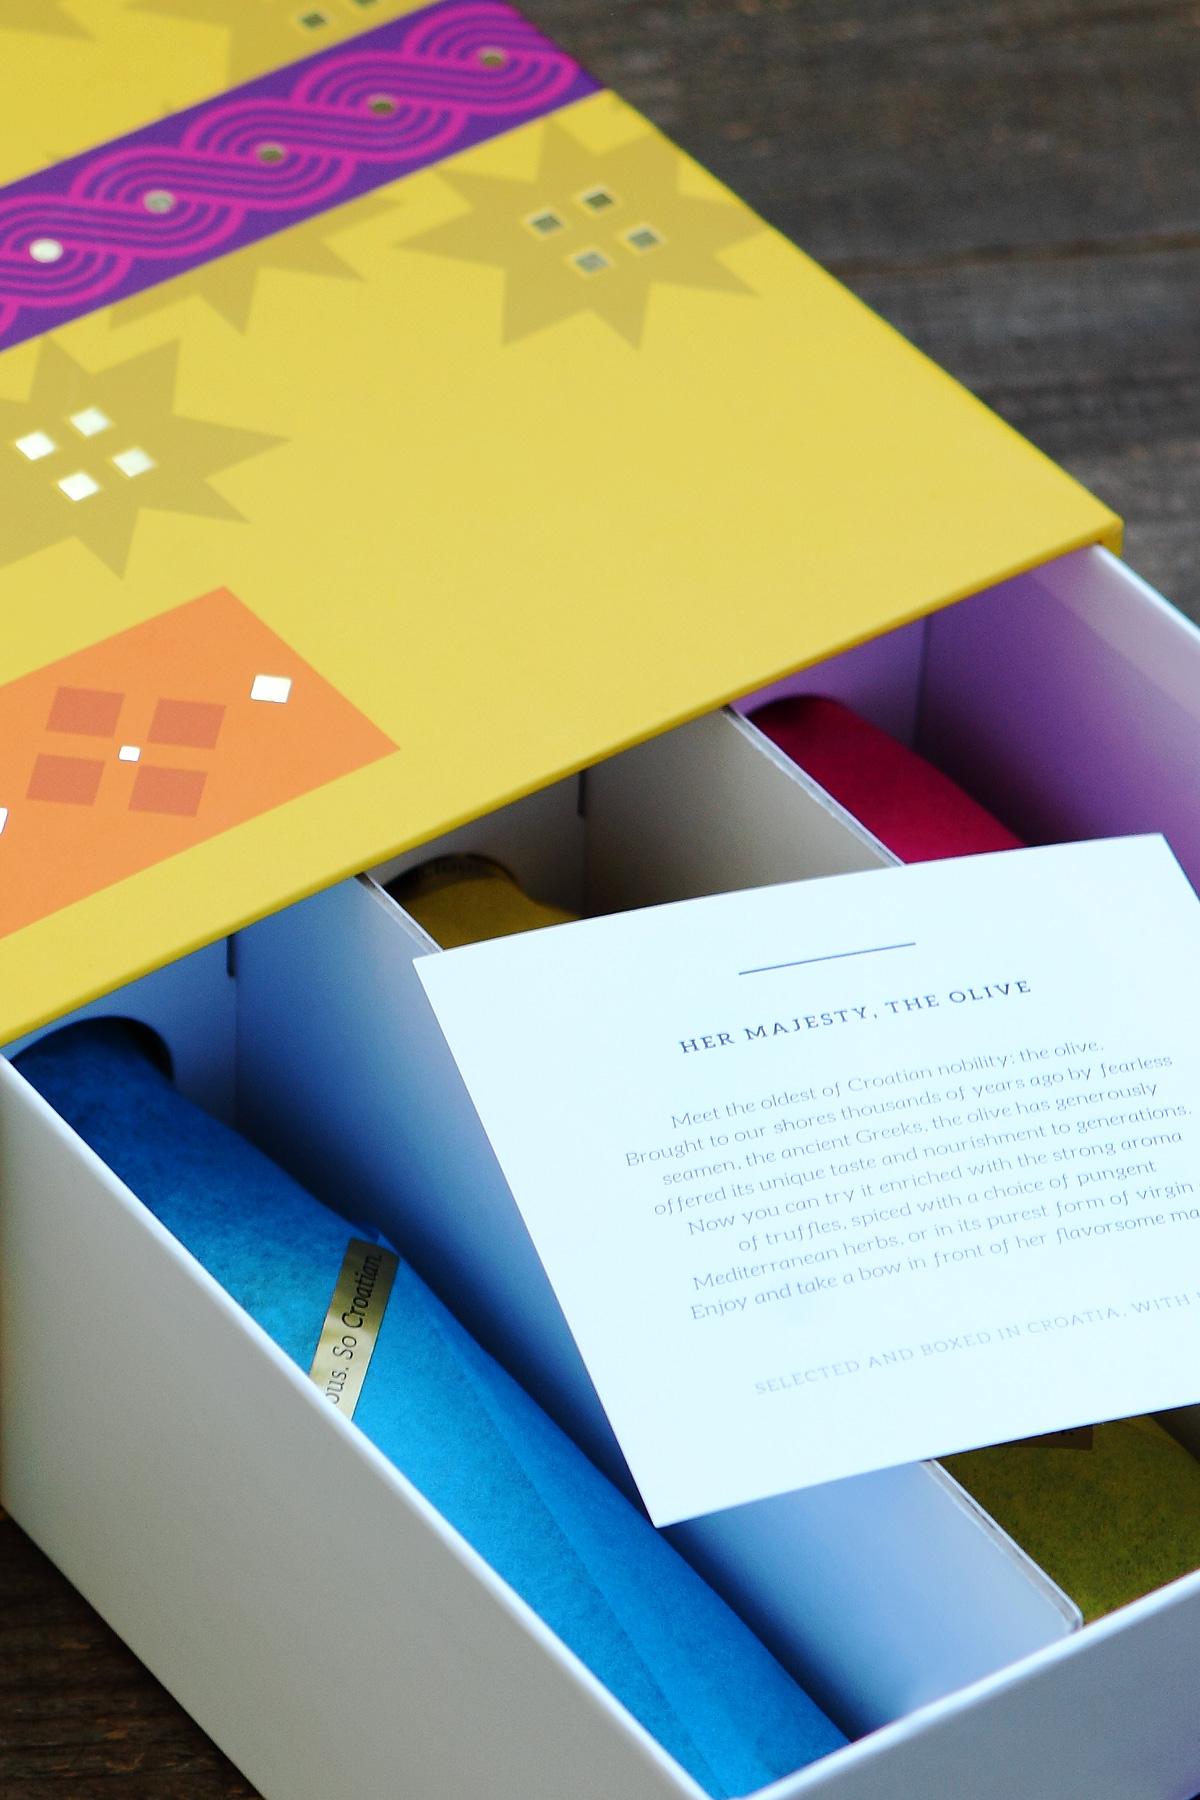 CiaB-box2-03